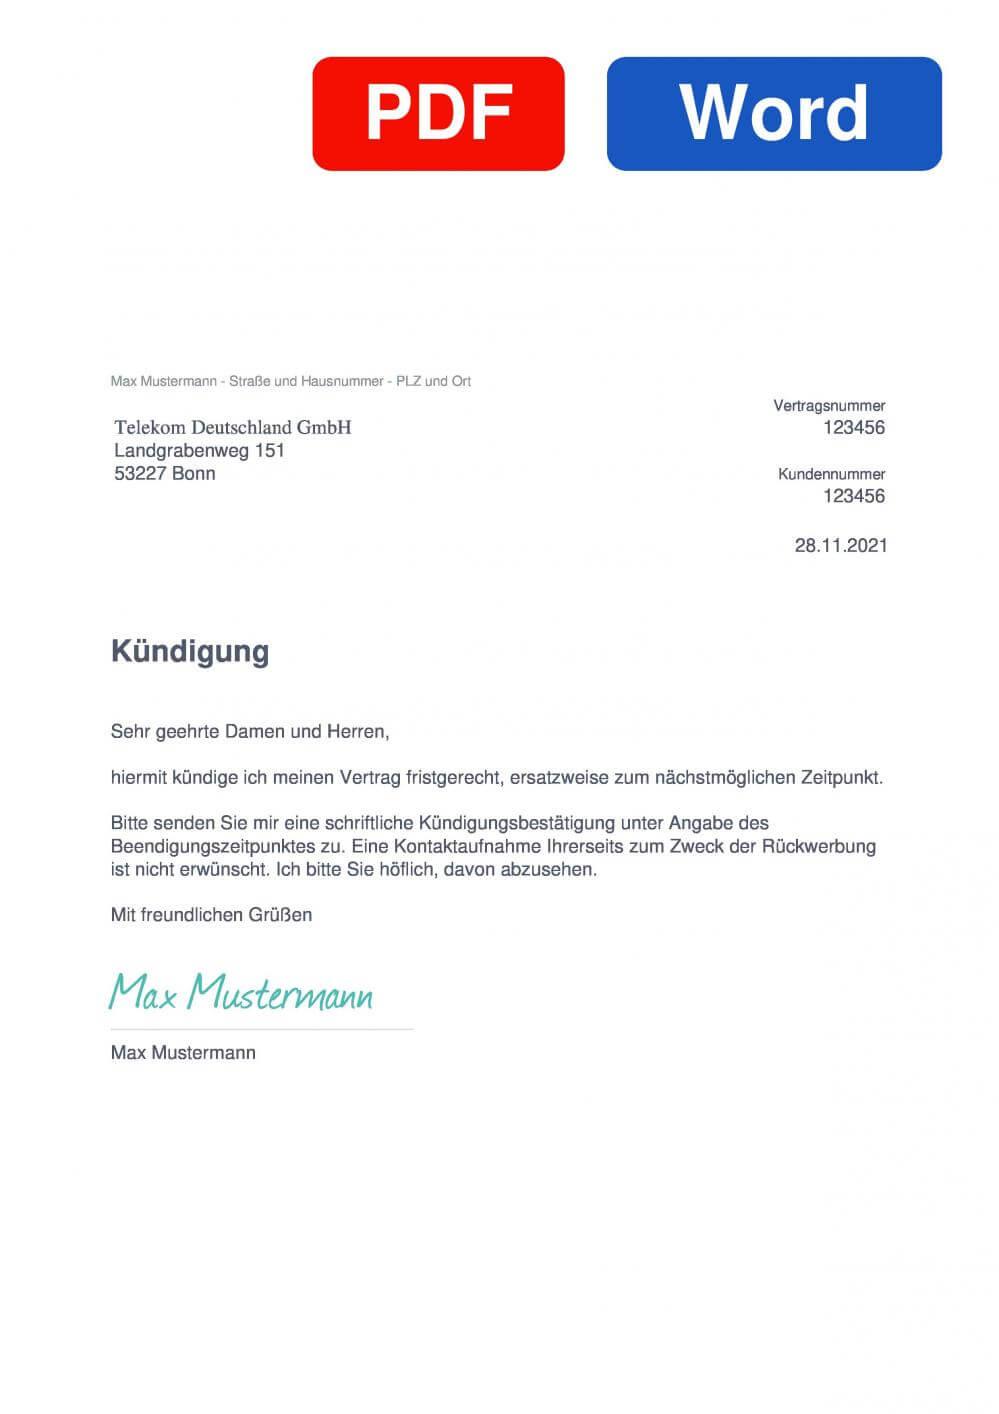 Vorlage kündigung Arbeitgeberkündigung